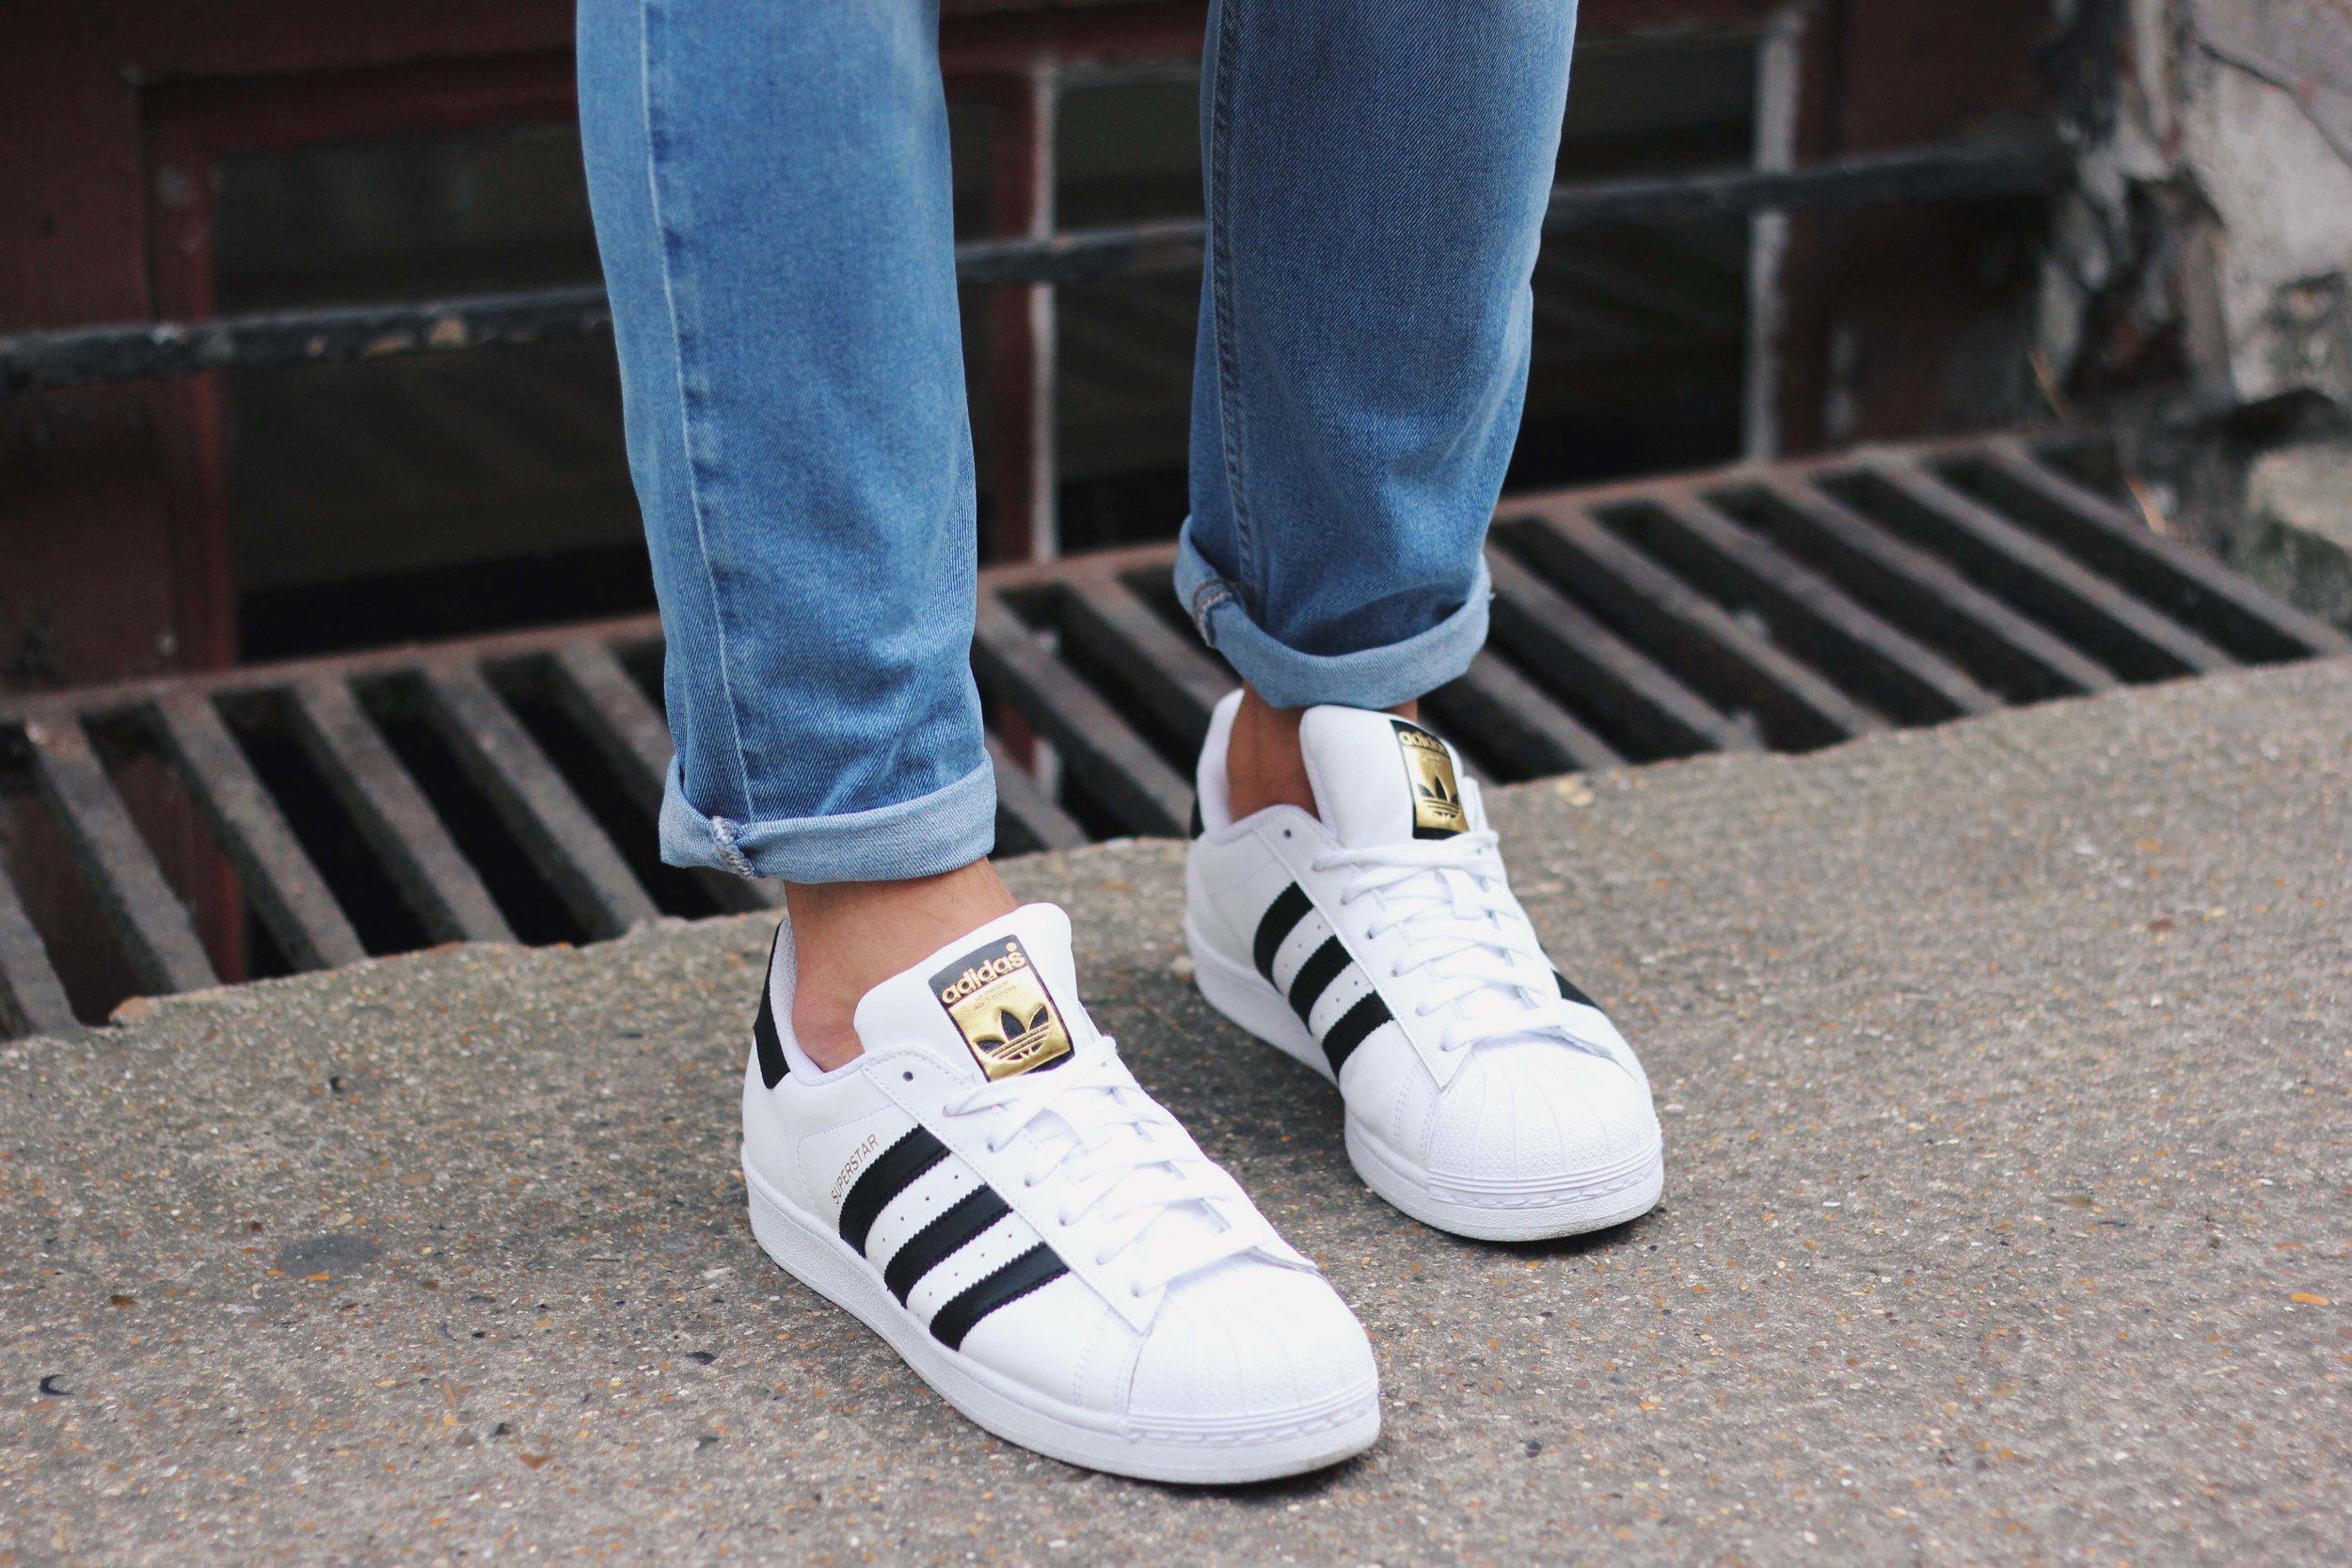 Jordan_Bunker_stripey_tees_ripped_jeans_3.jpg